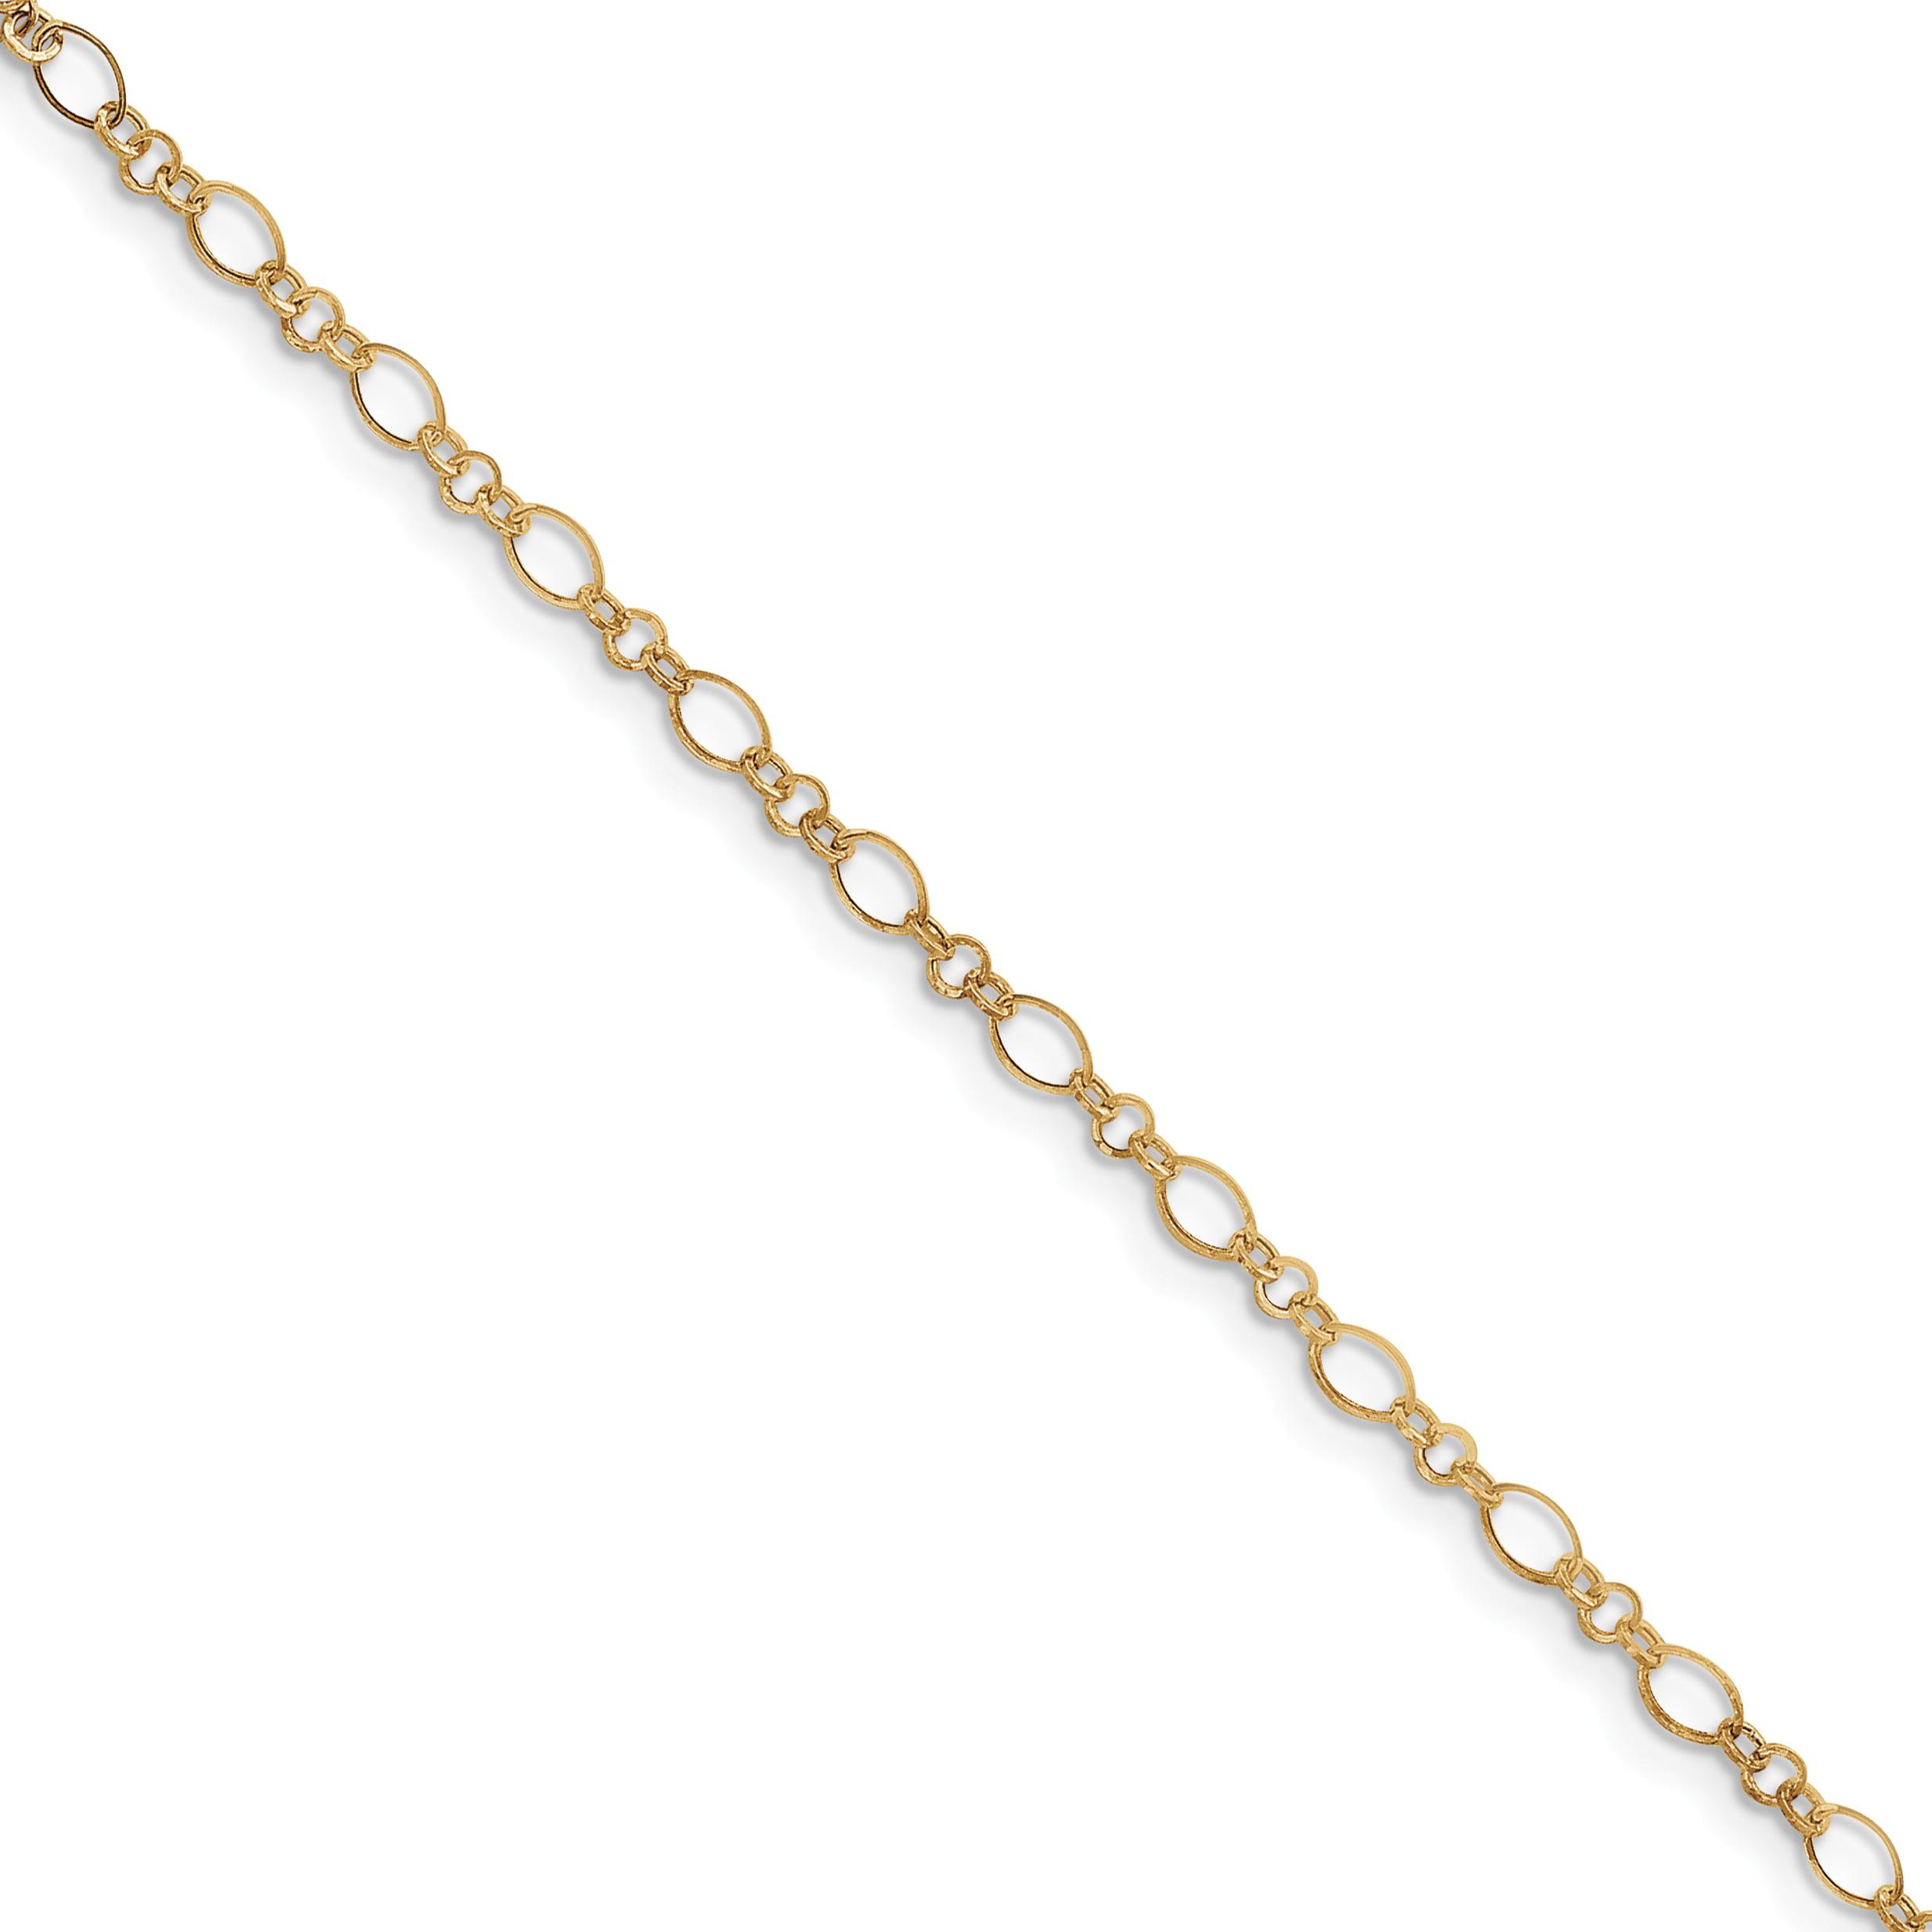 Finejewelers 14k 2.25mm Handmade Regular Rope Chain Ankle Bracelet